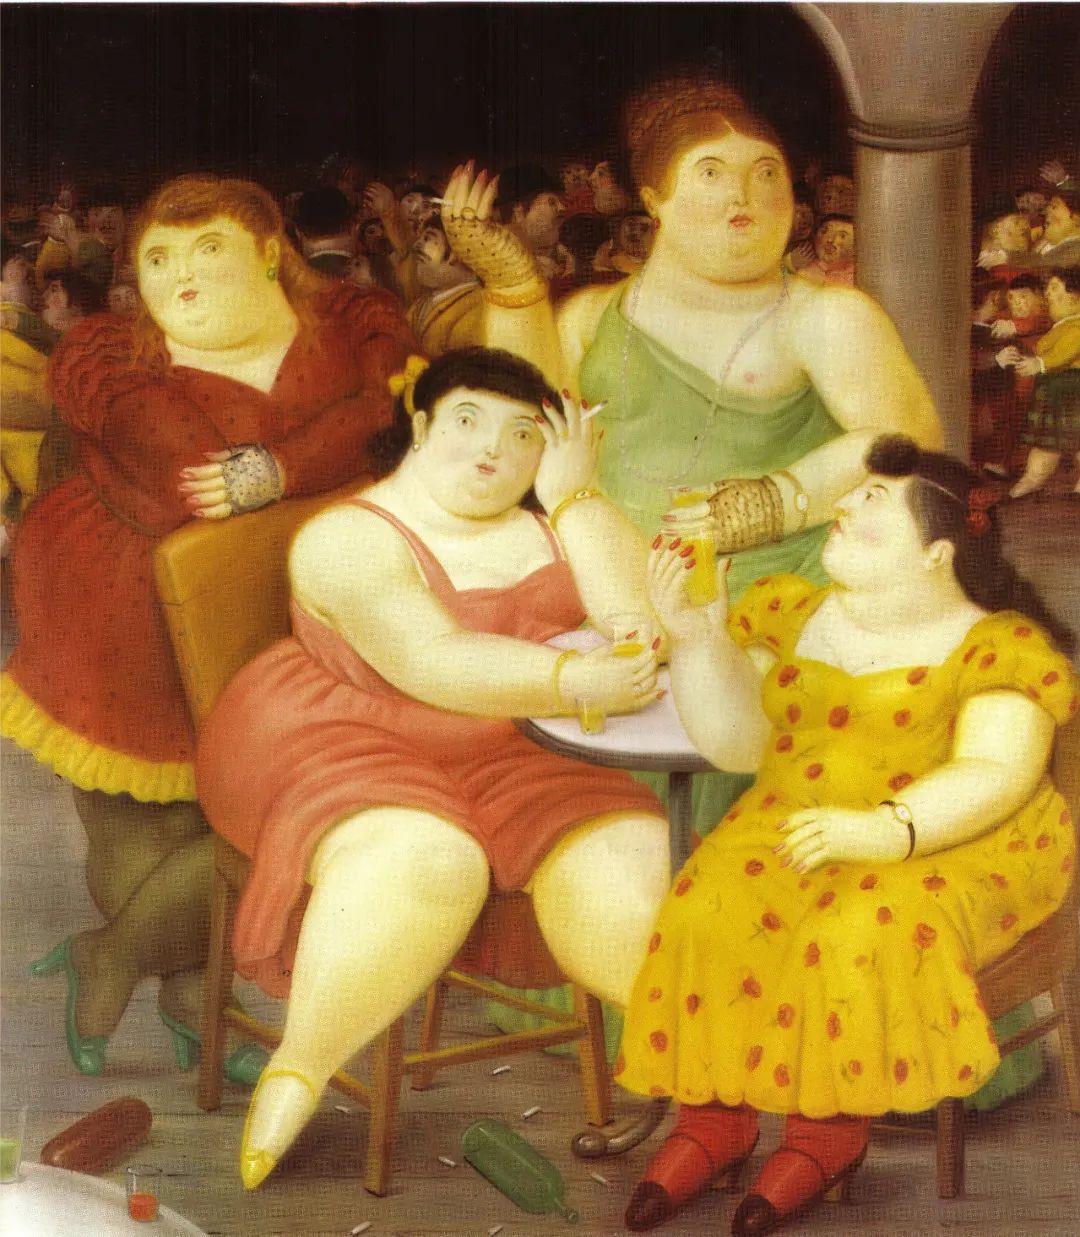 诙谐幽默的圆润形态 | 费尔南多·波特罗插图49